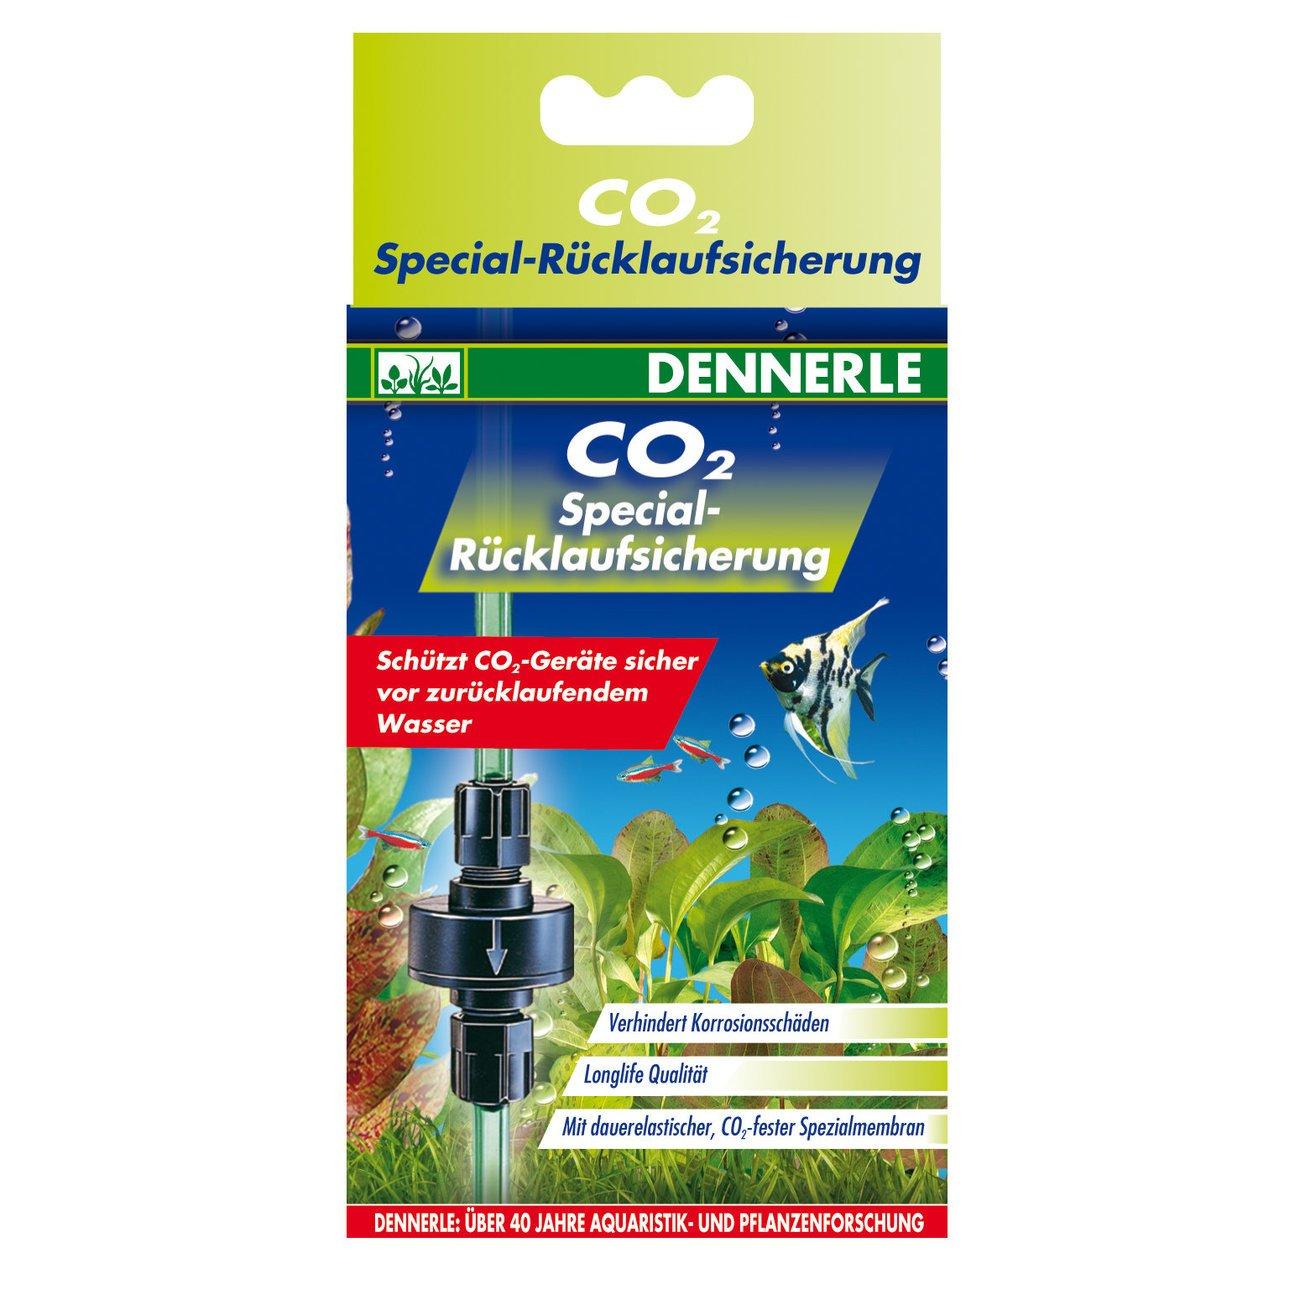 Dennerle CO2 Special-Rücklaufsicherung